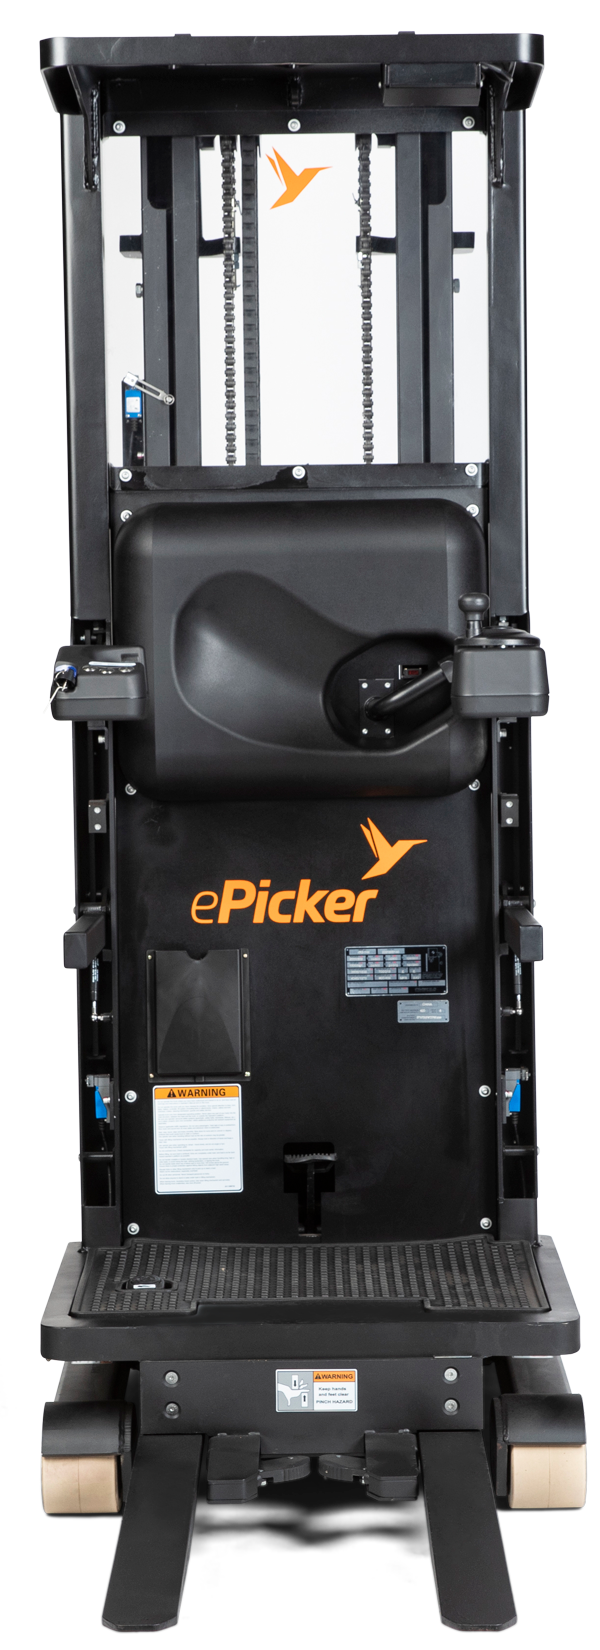 JX - ePicker